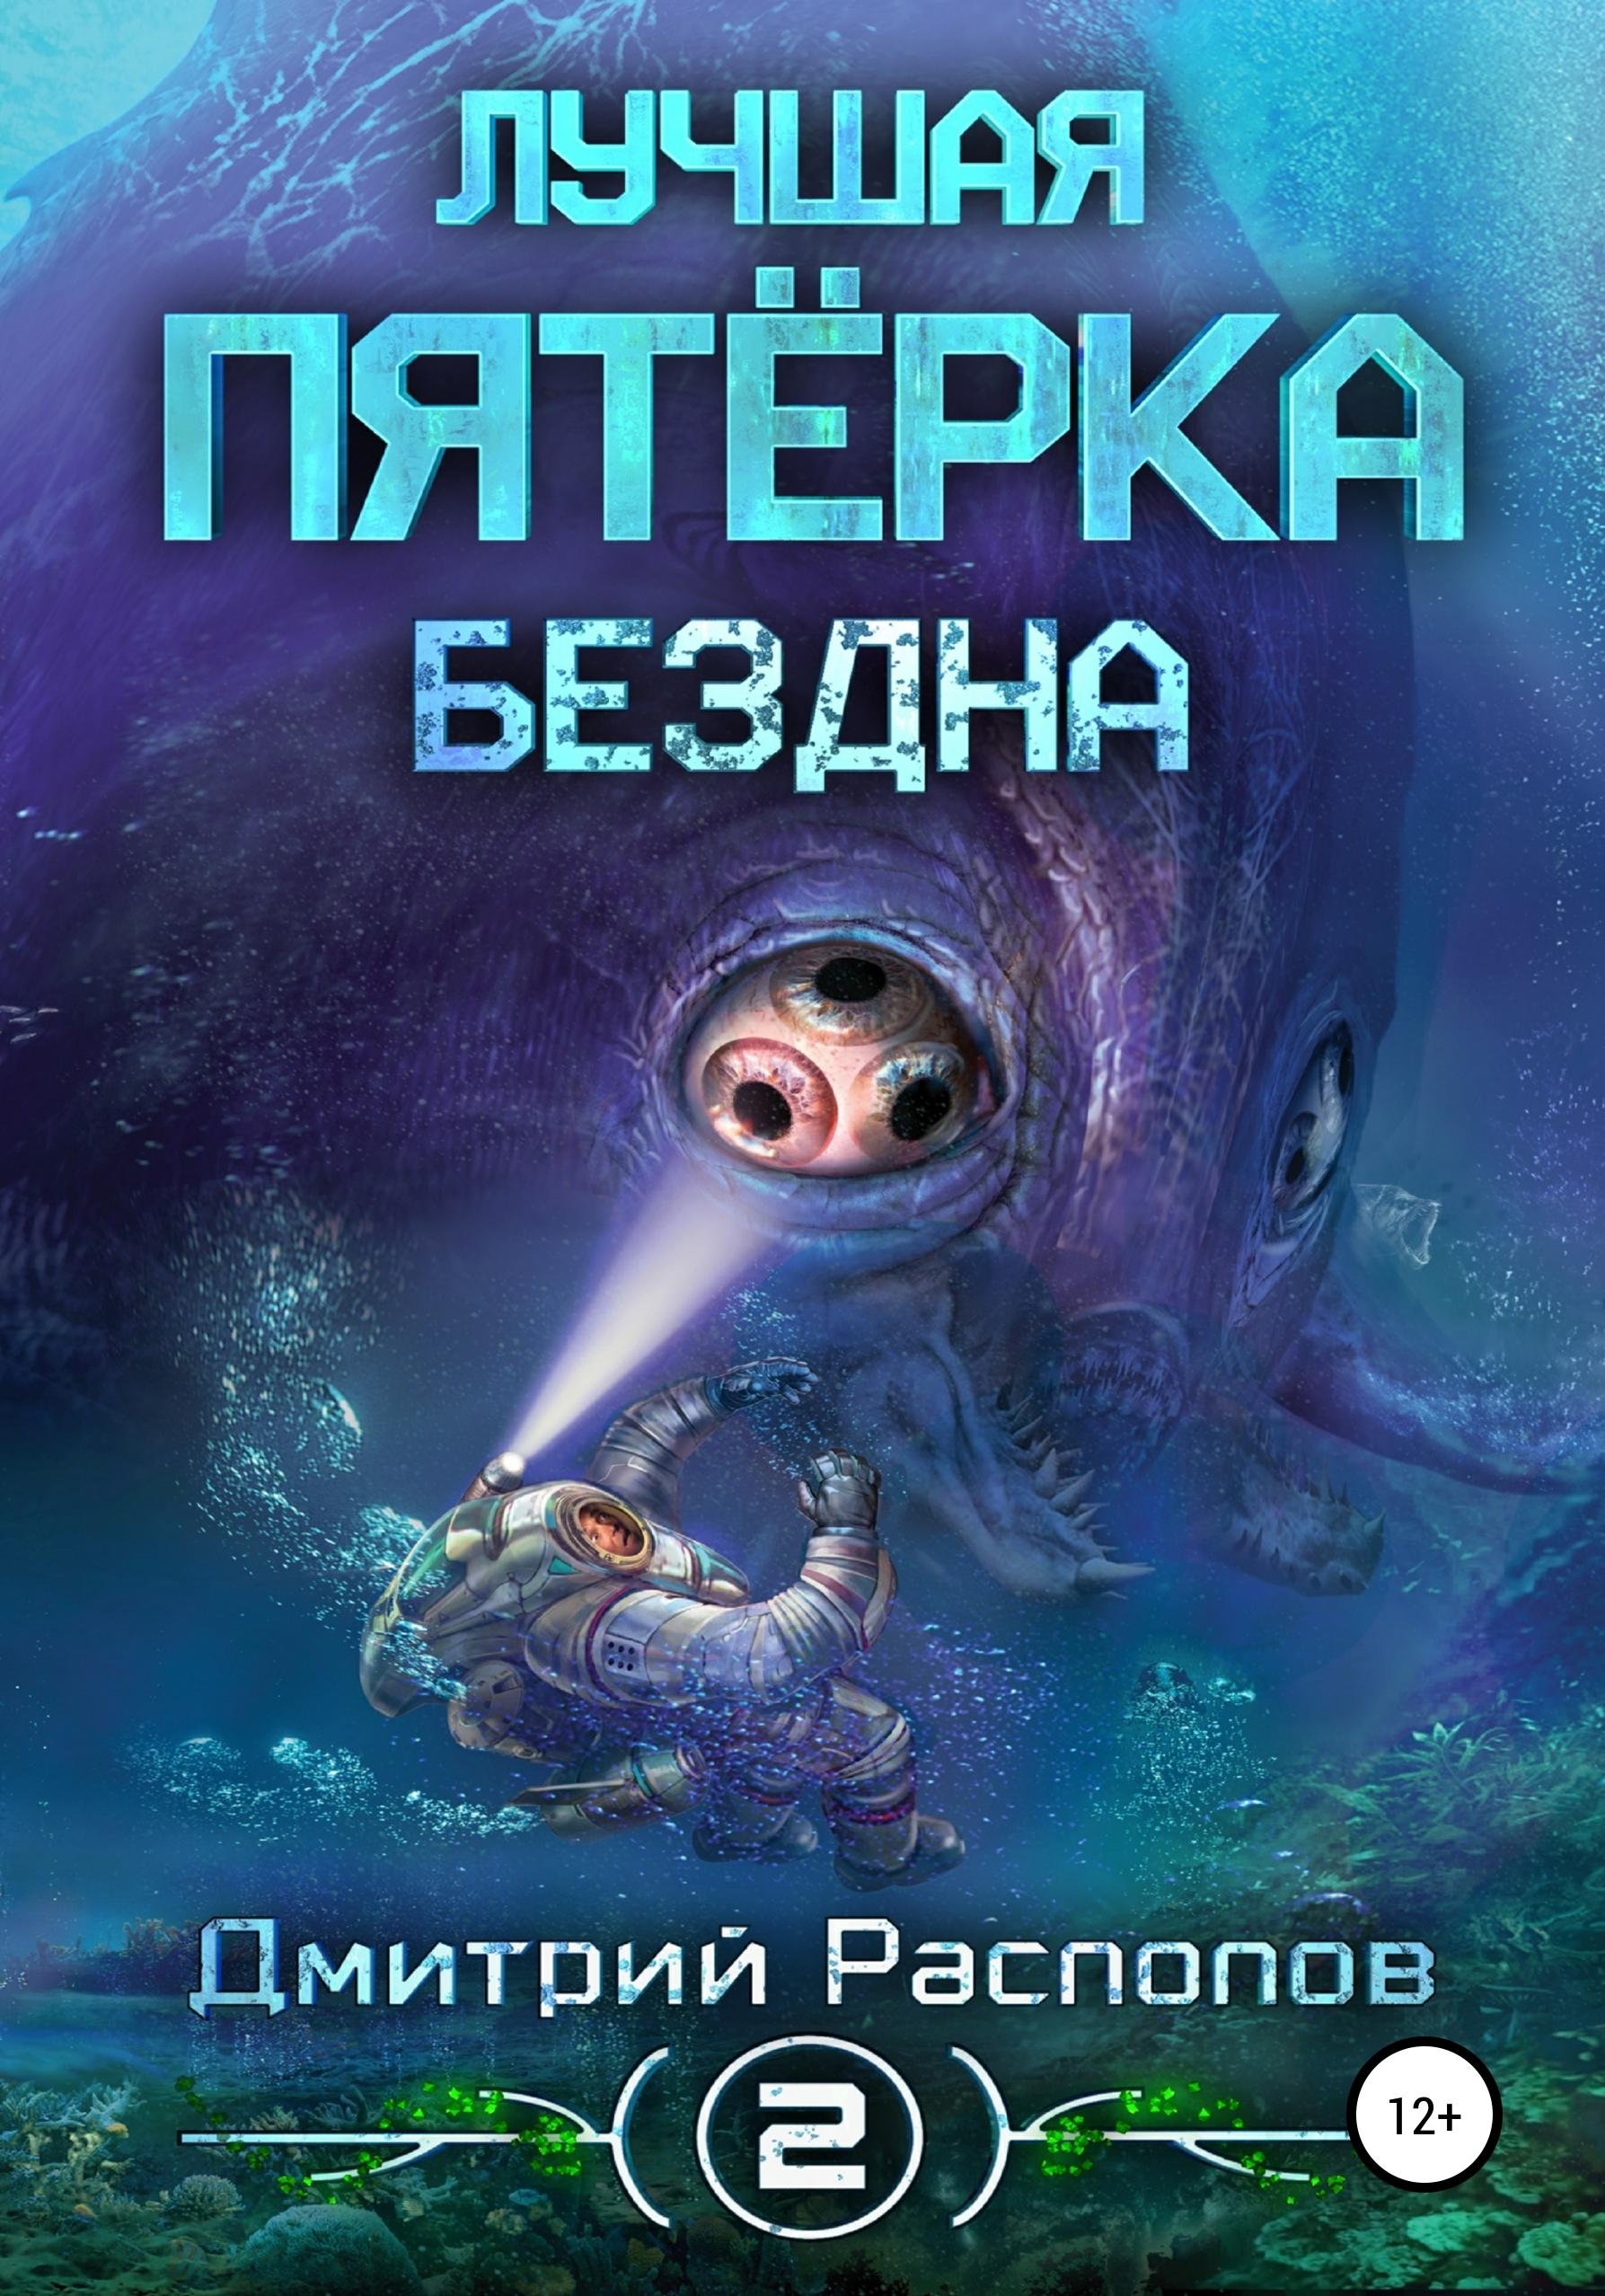 Дмитрий Распопов «Лучшая пятёрка. Бездна»